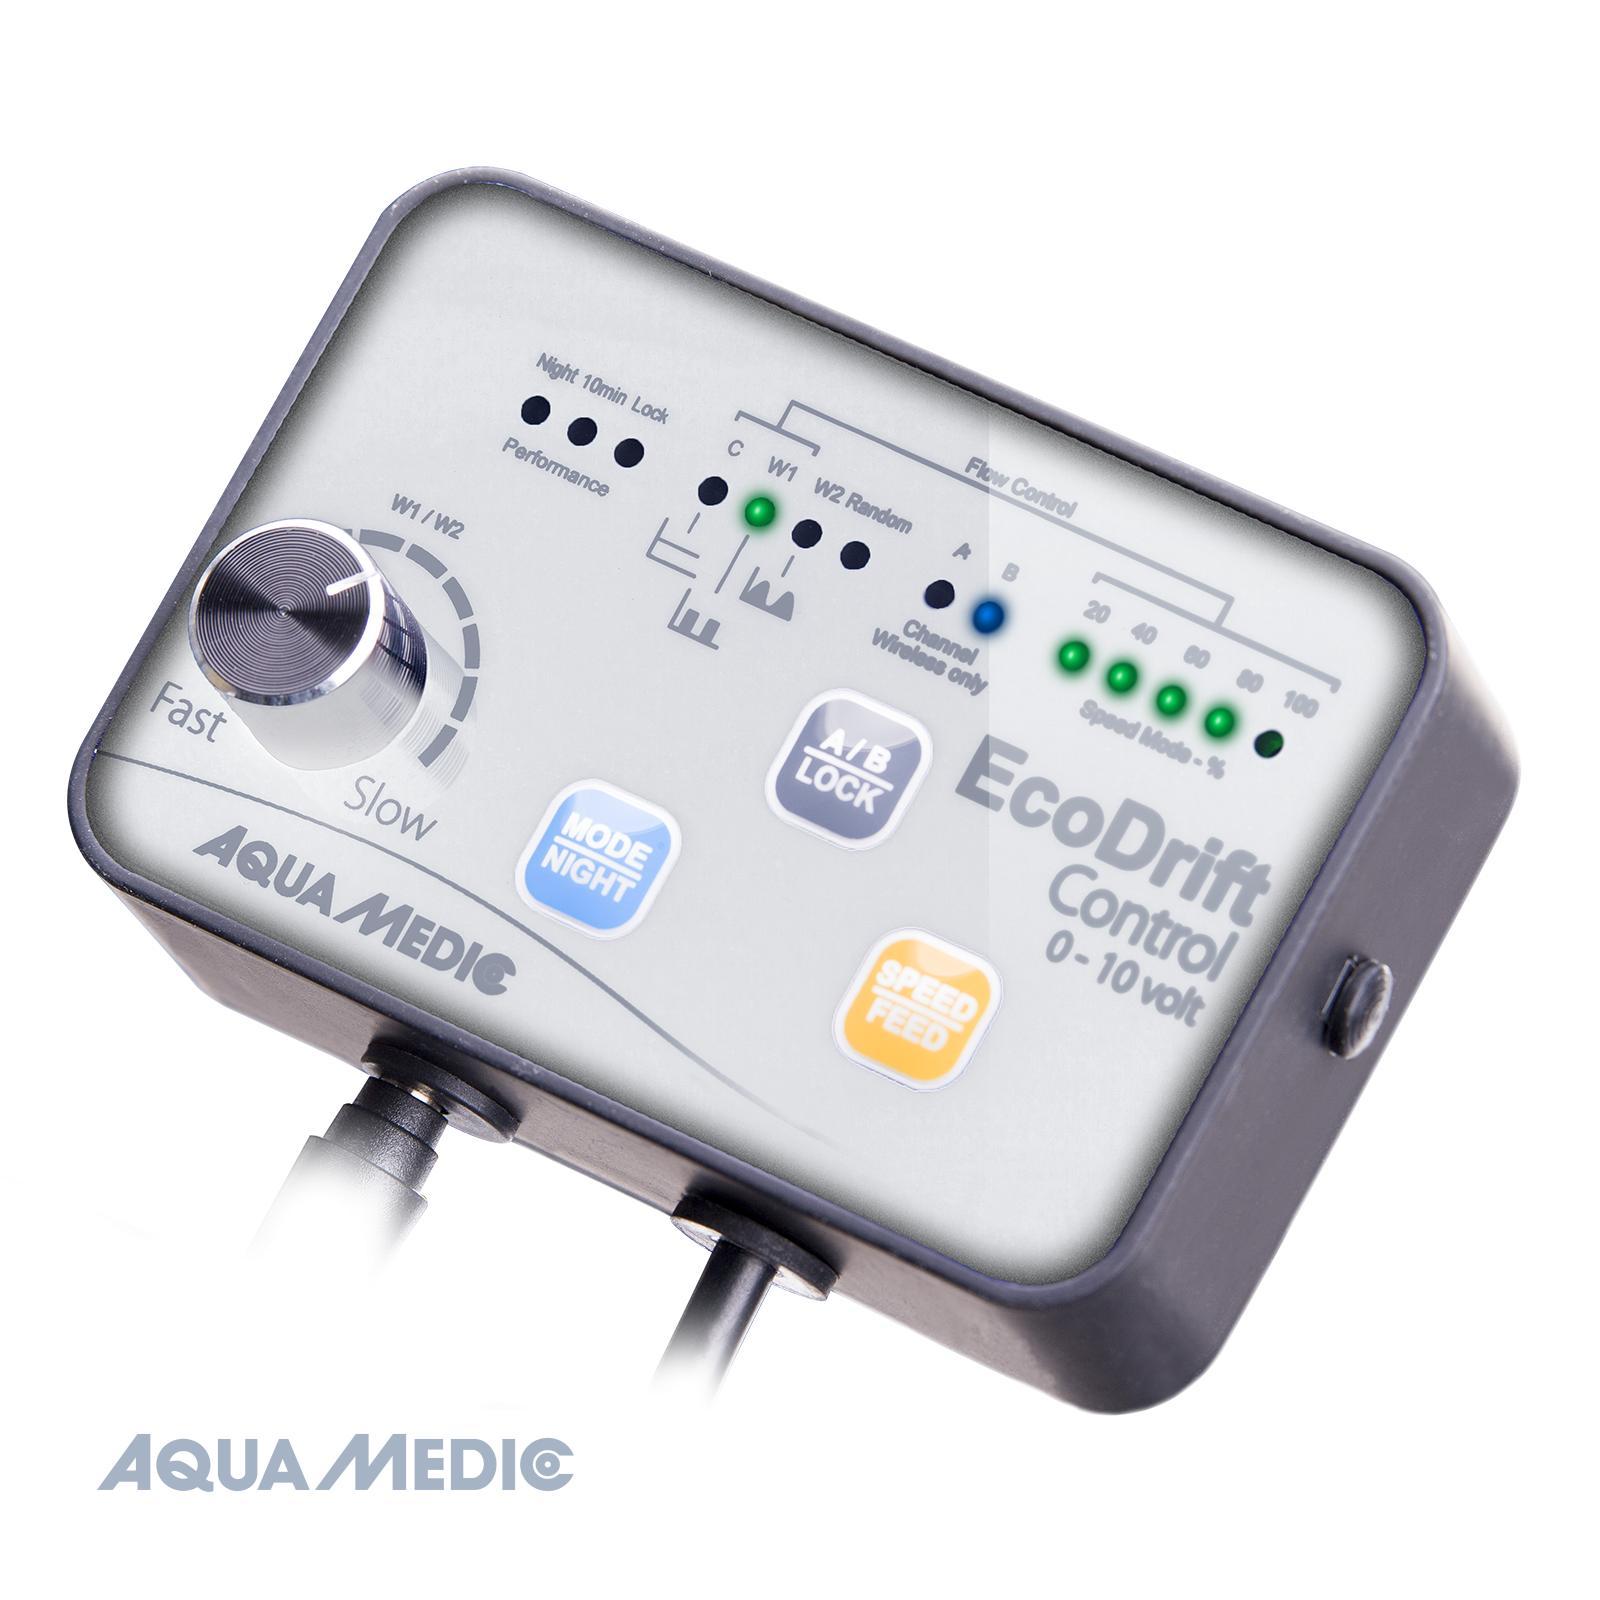 aqua medic ecodrift controller